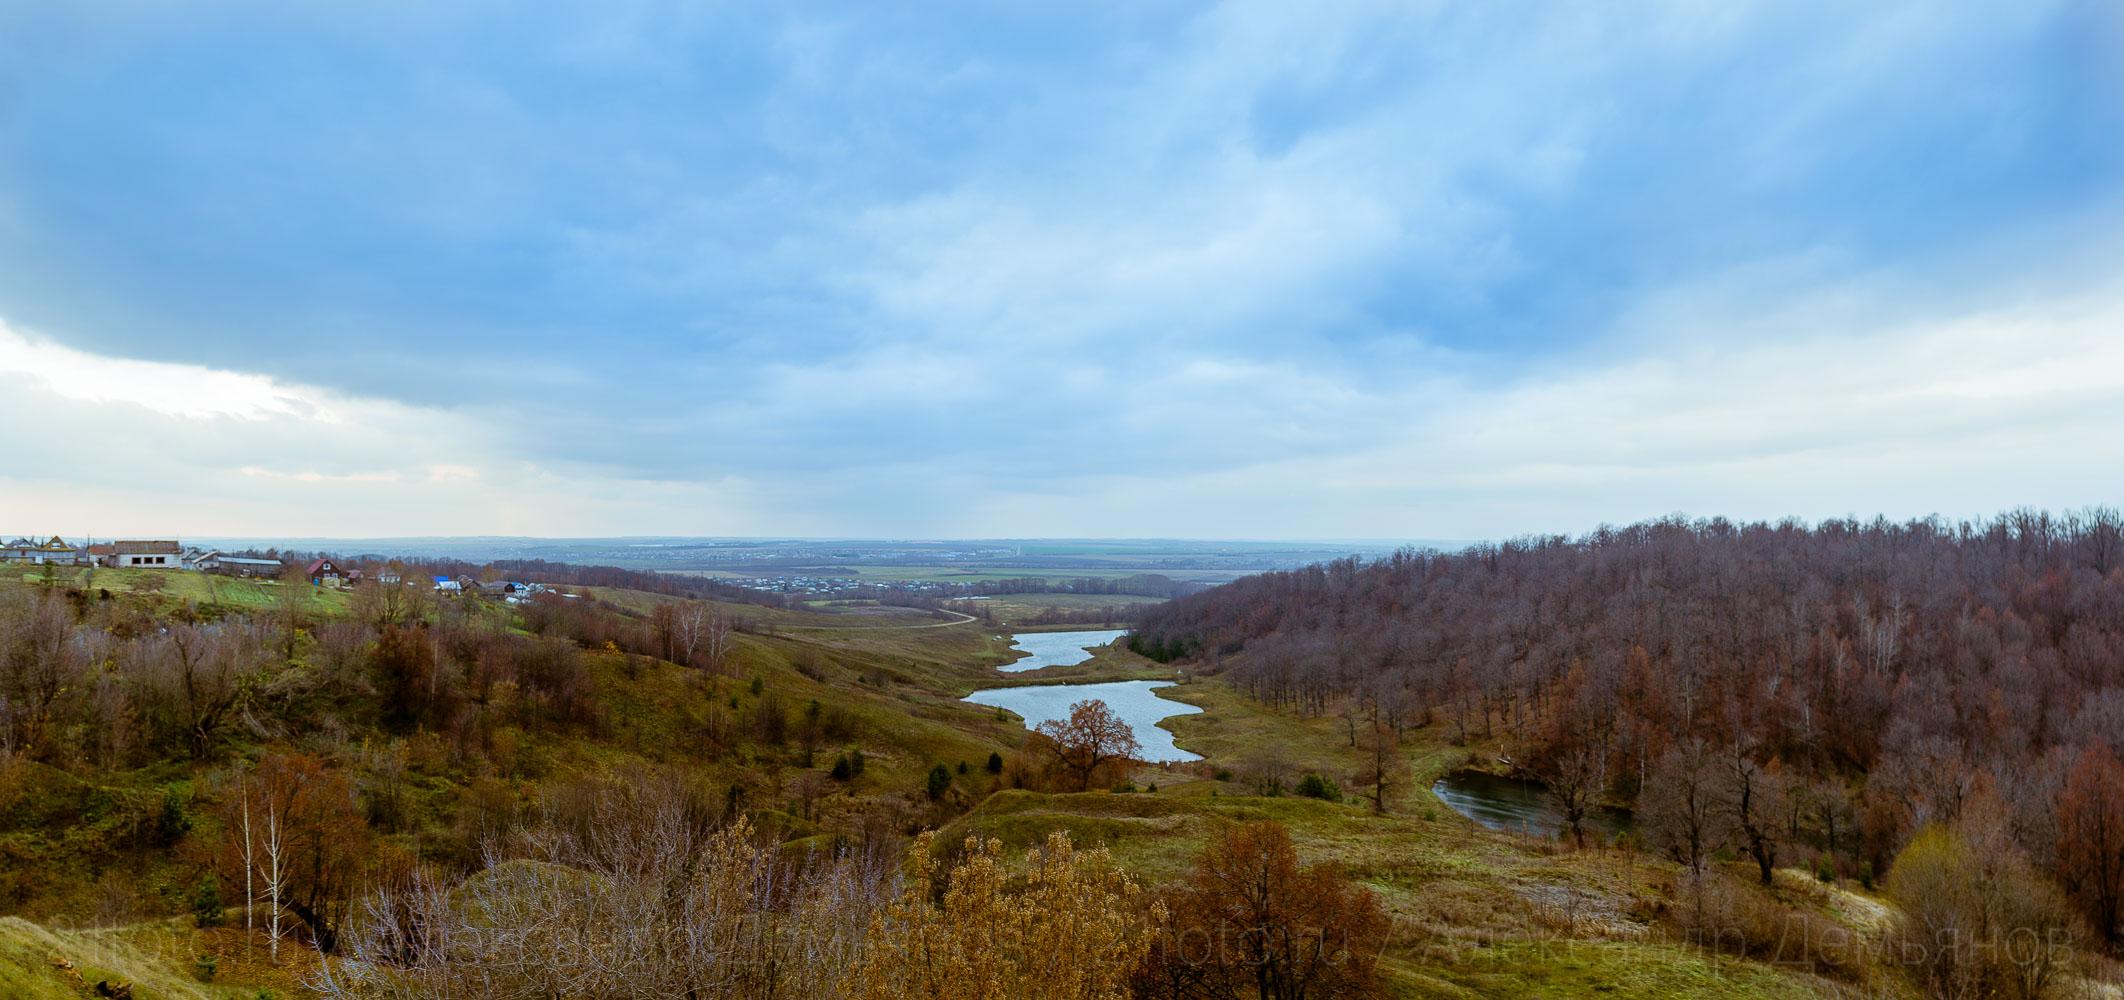 Чувашские холмы, в окрестностях реки Цивиль осенью 2019